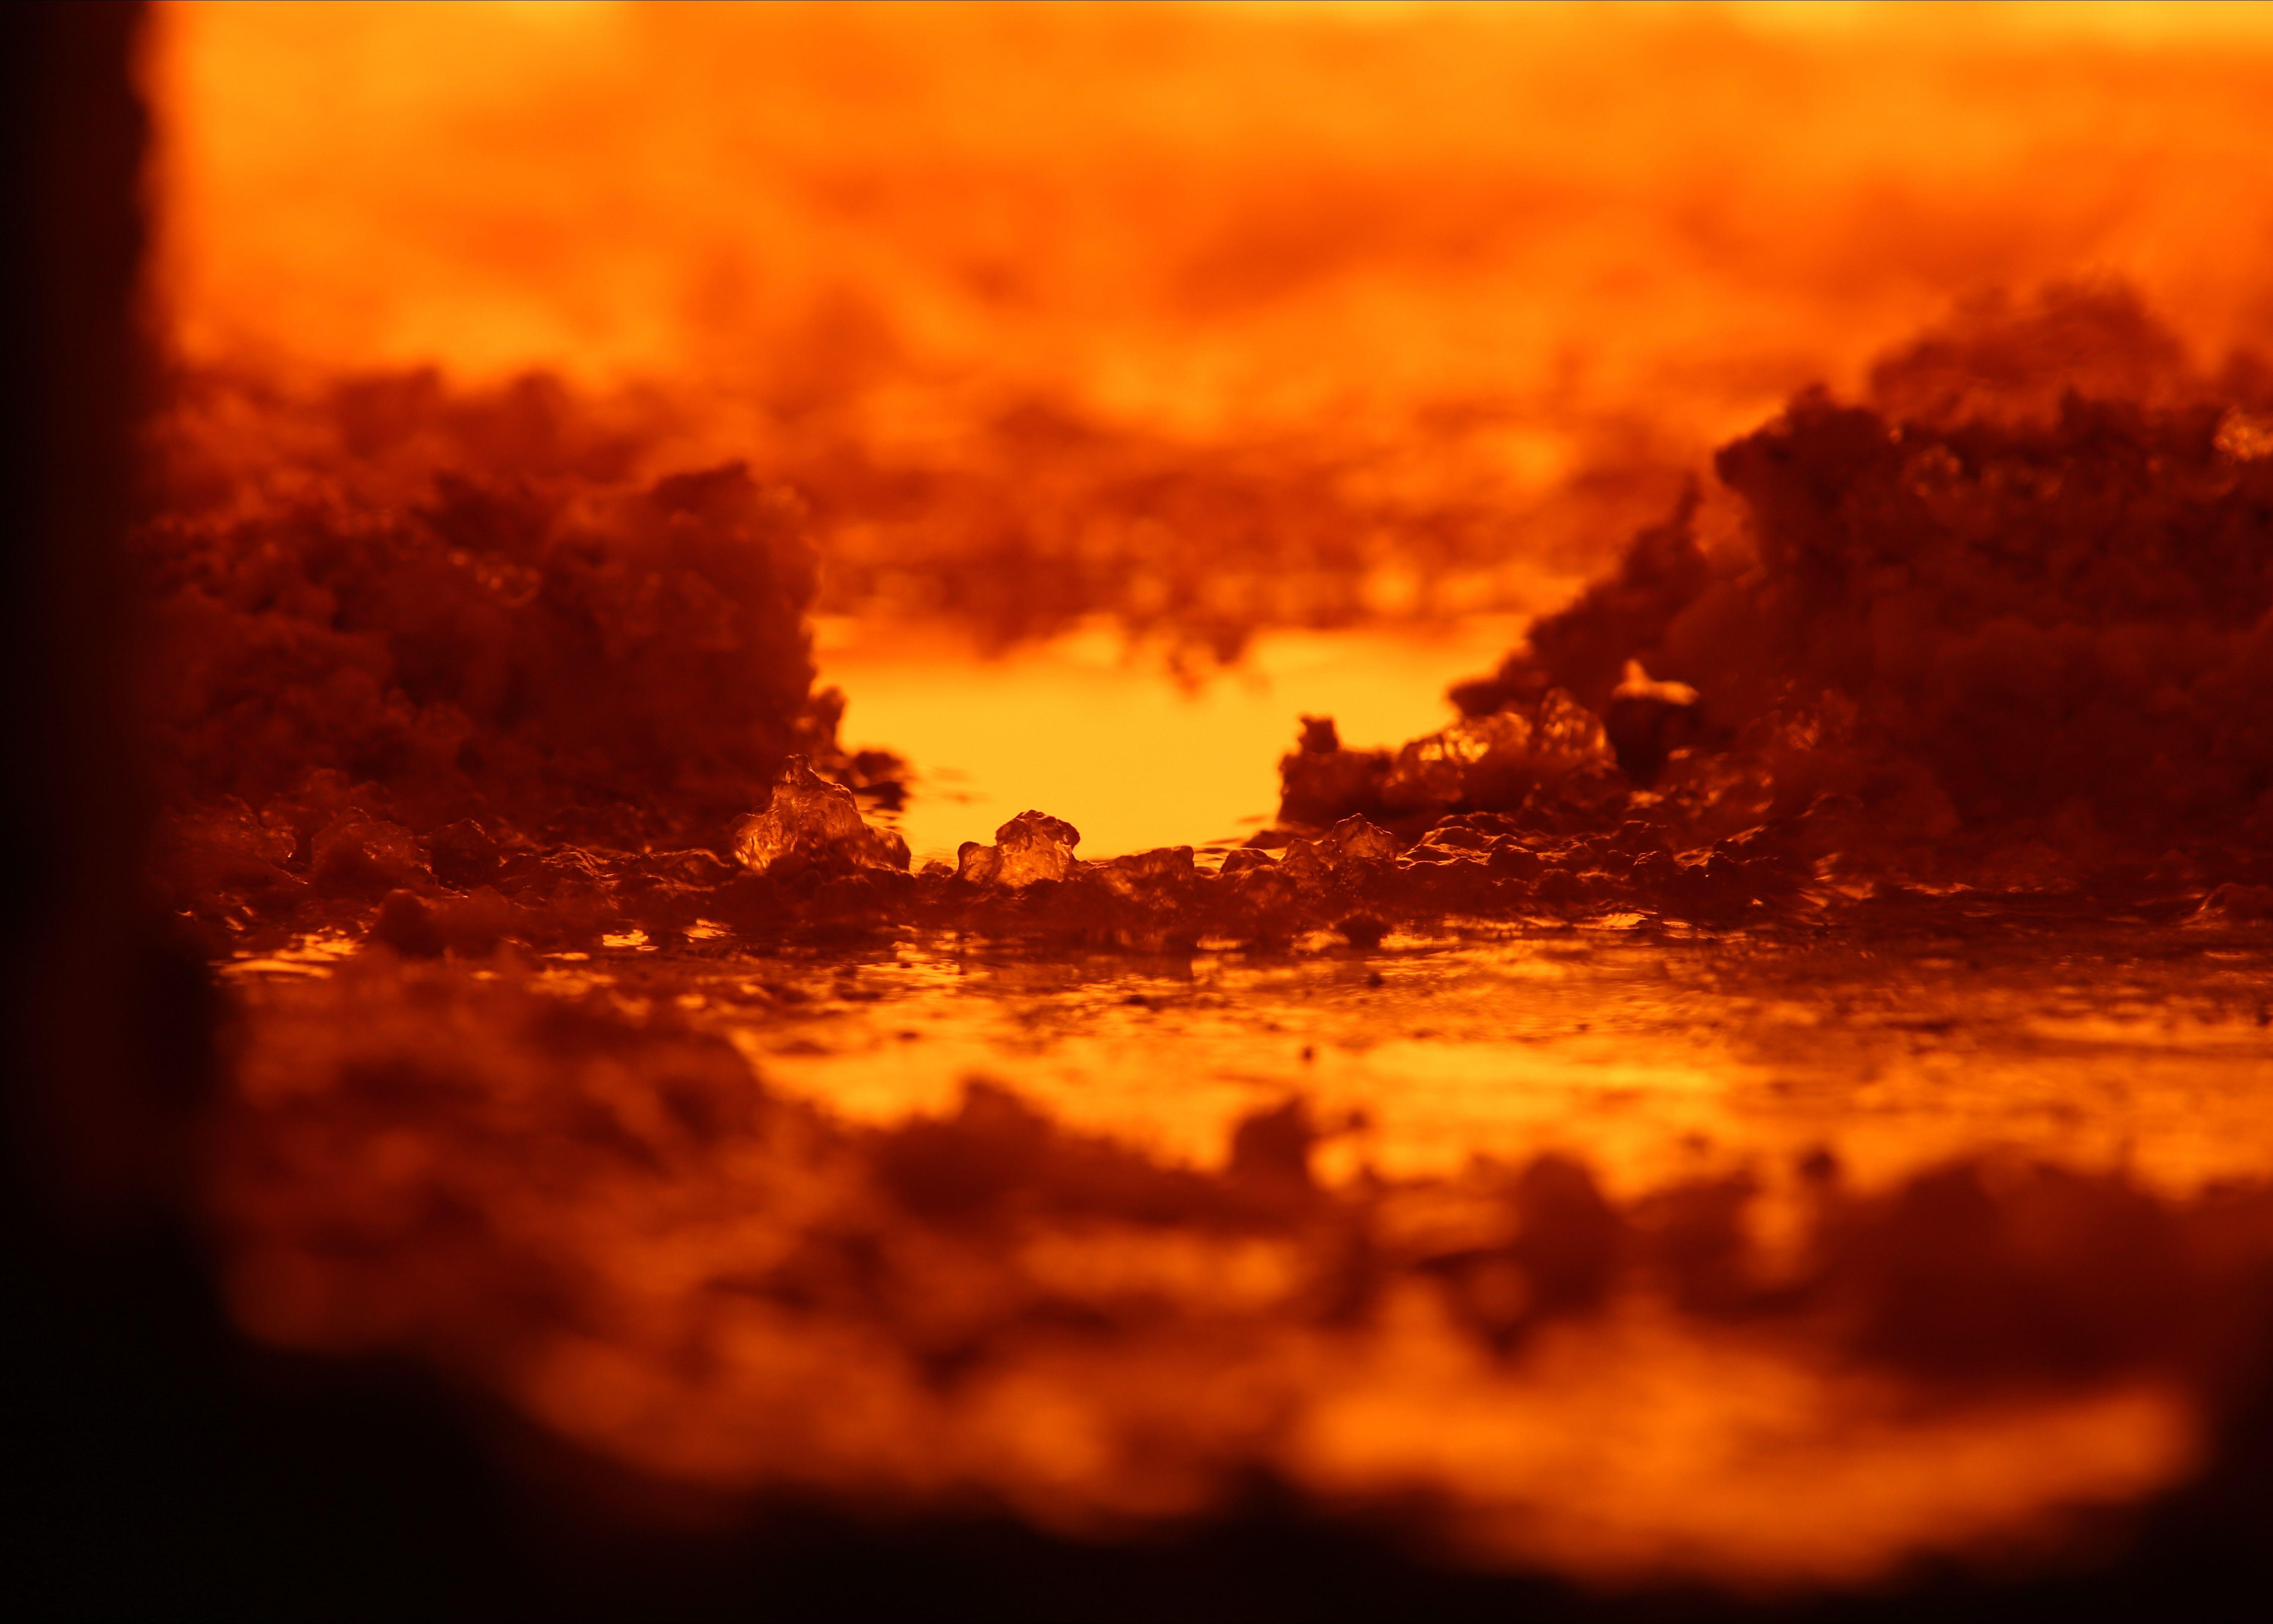 Blick in eine Glasschmelzwanne. Spezialgläser werden bei Temperaturen von 1.500 bis 1.700 Grad Celsius geschmolzen.